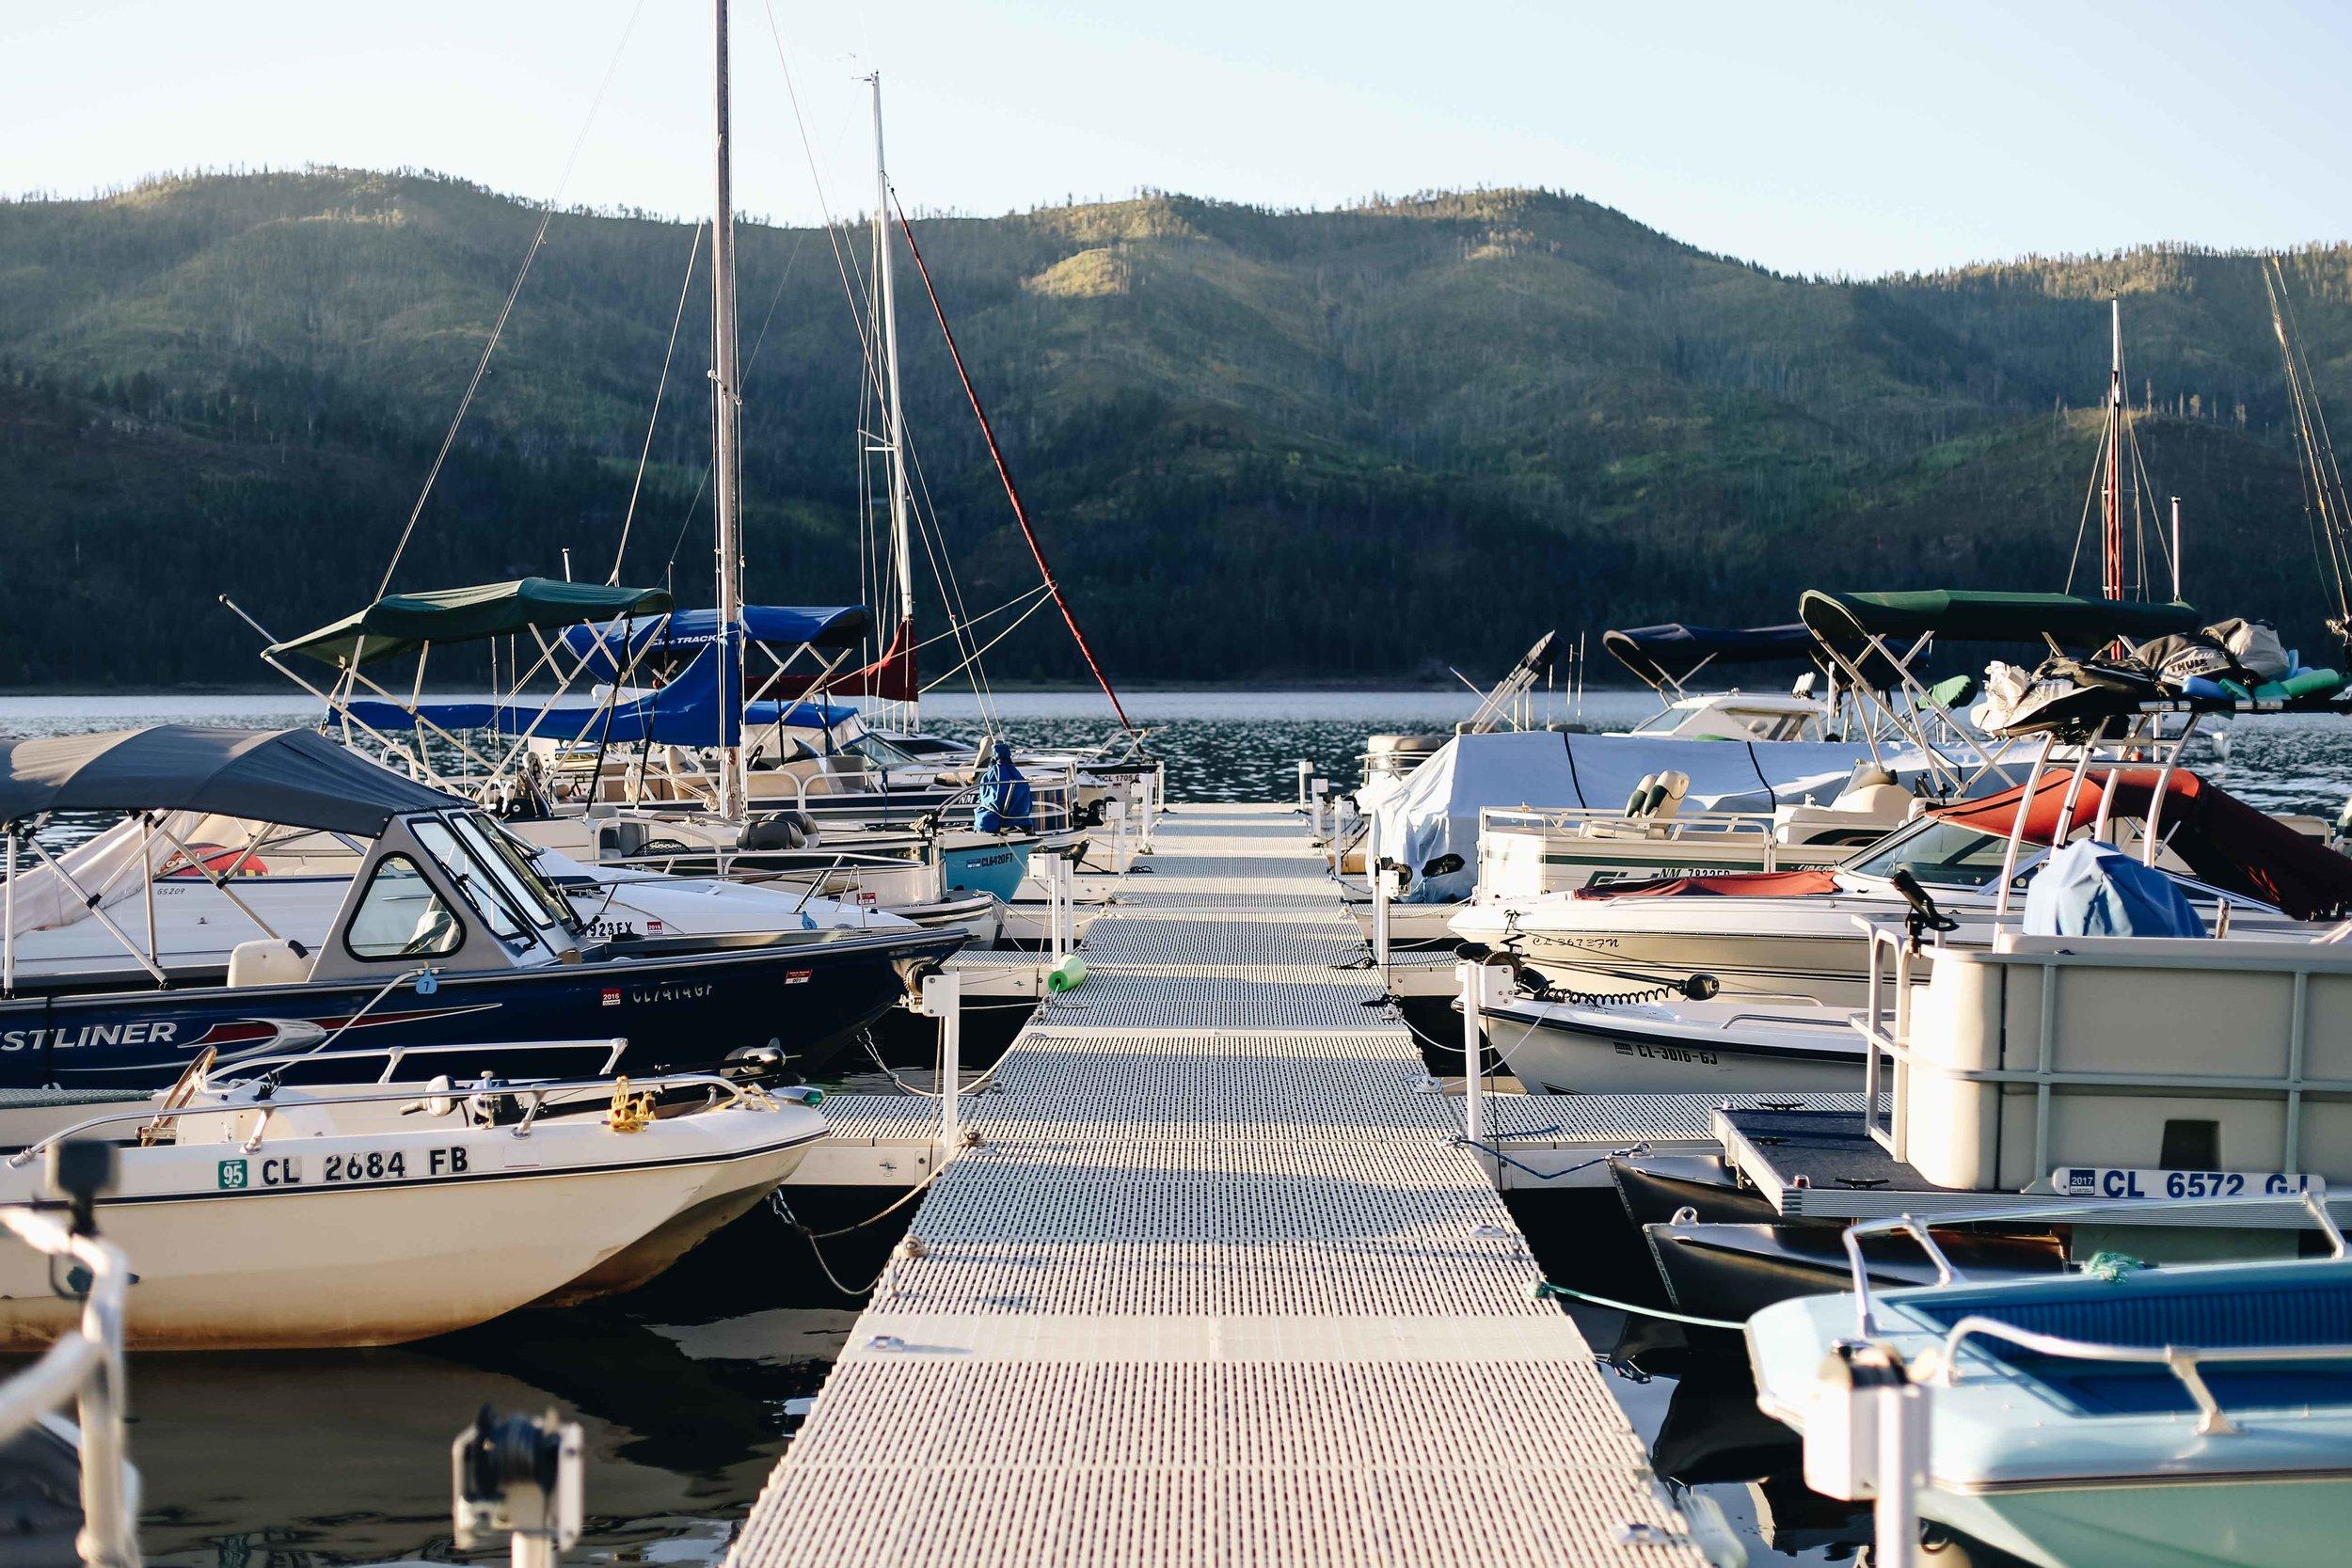 09-13 Vallecito Marina, Boats, Dock, Lake, Fishing, Bear-5987.jpg